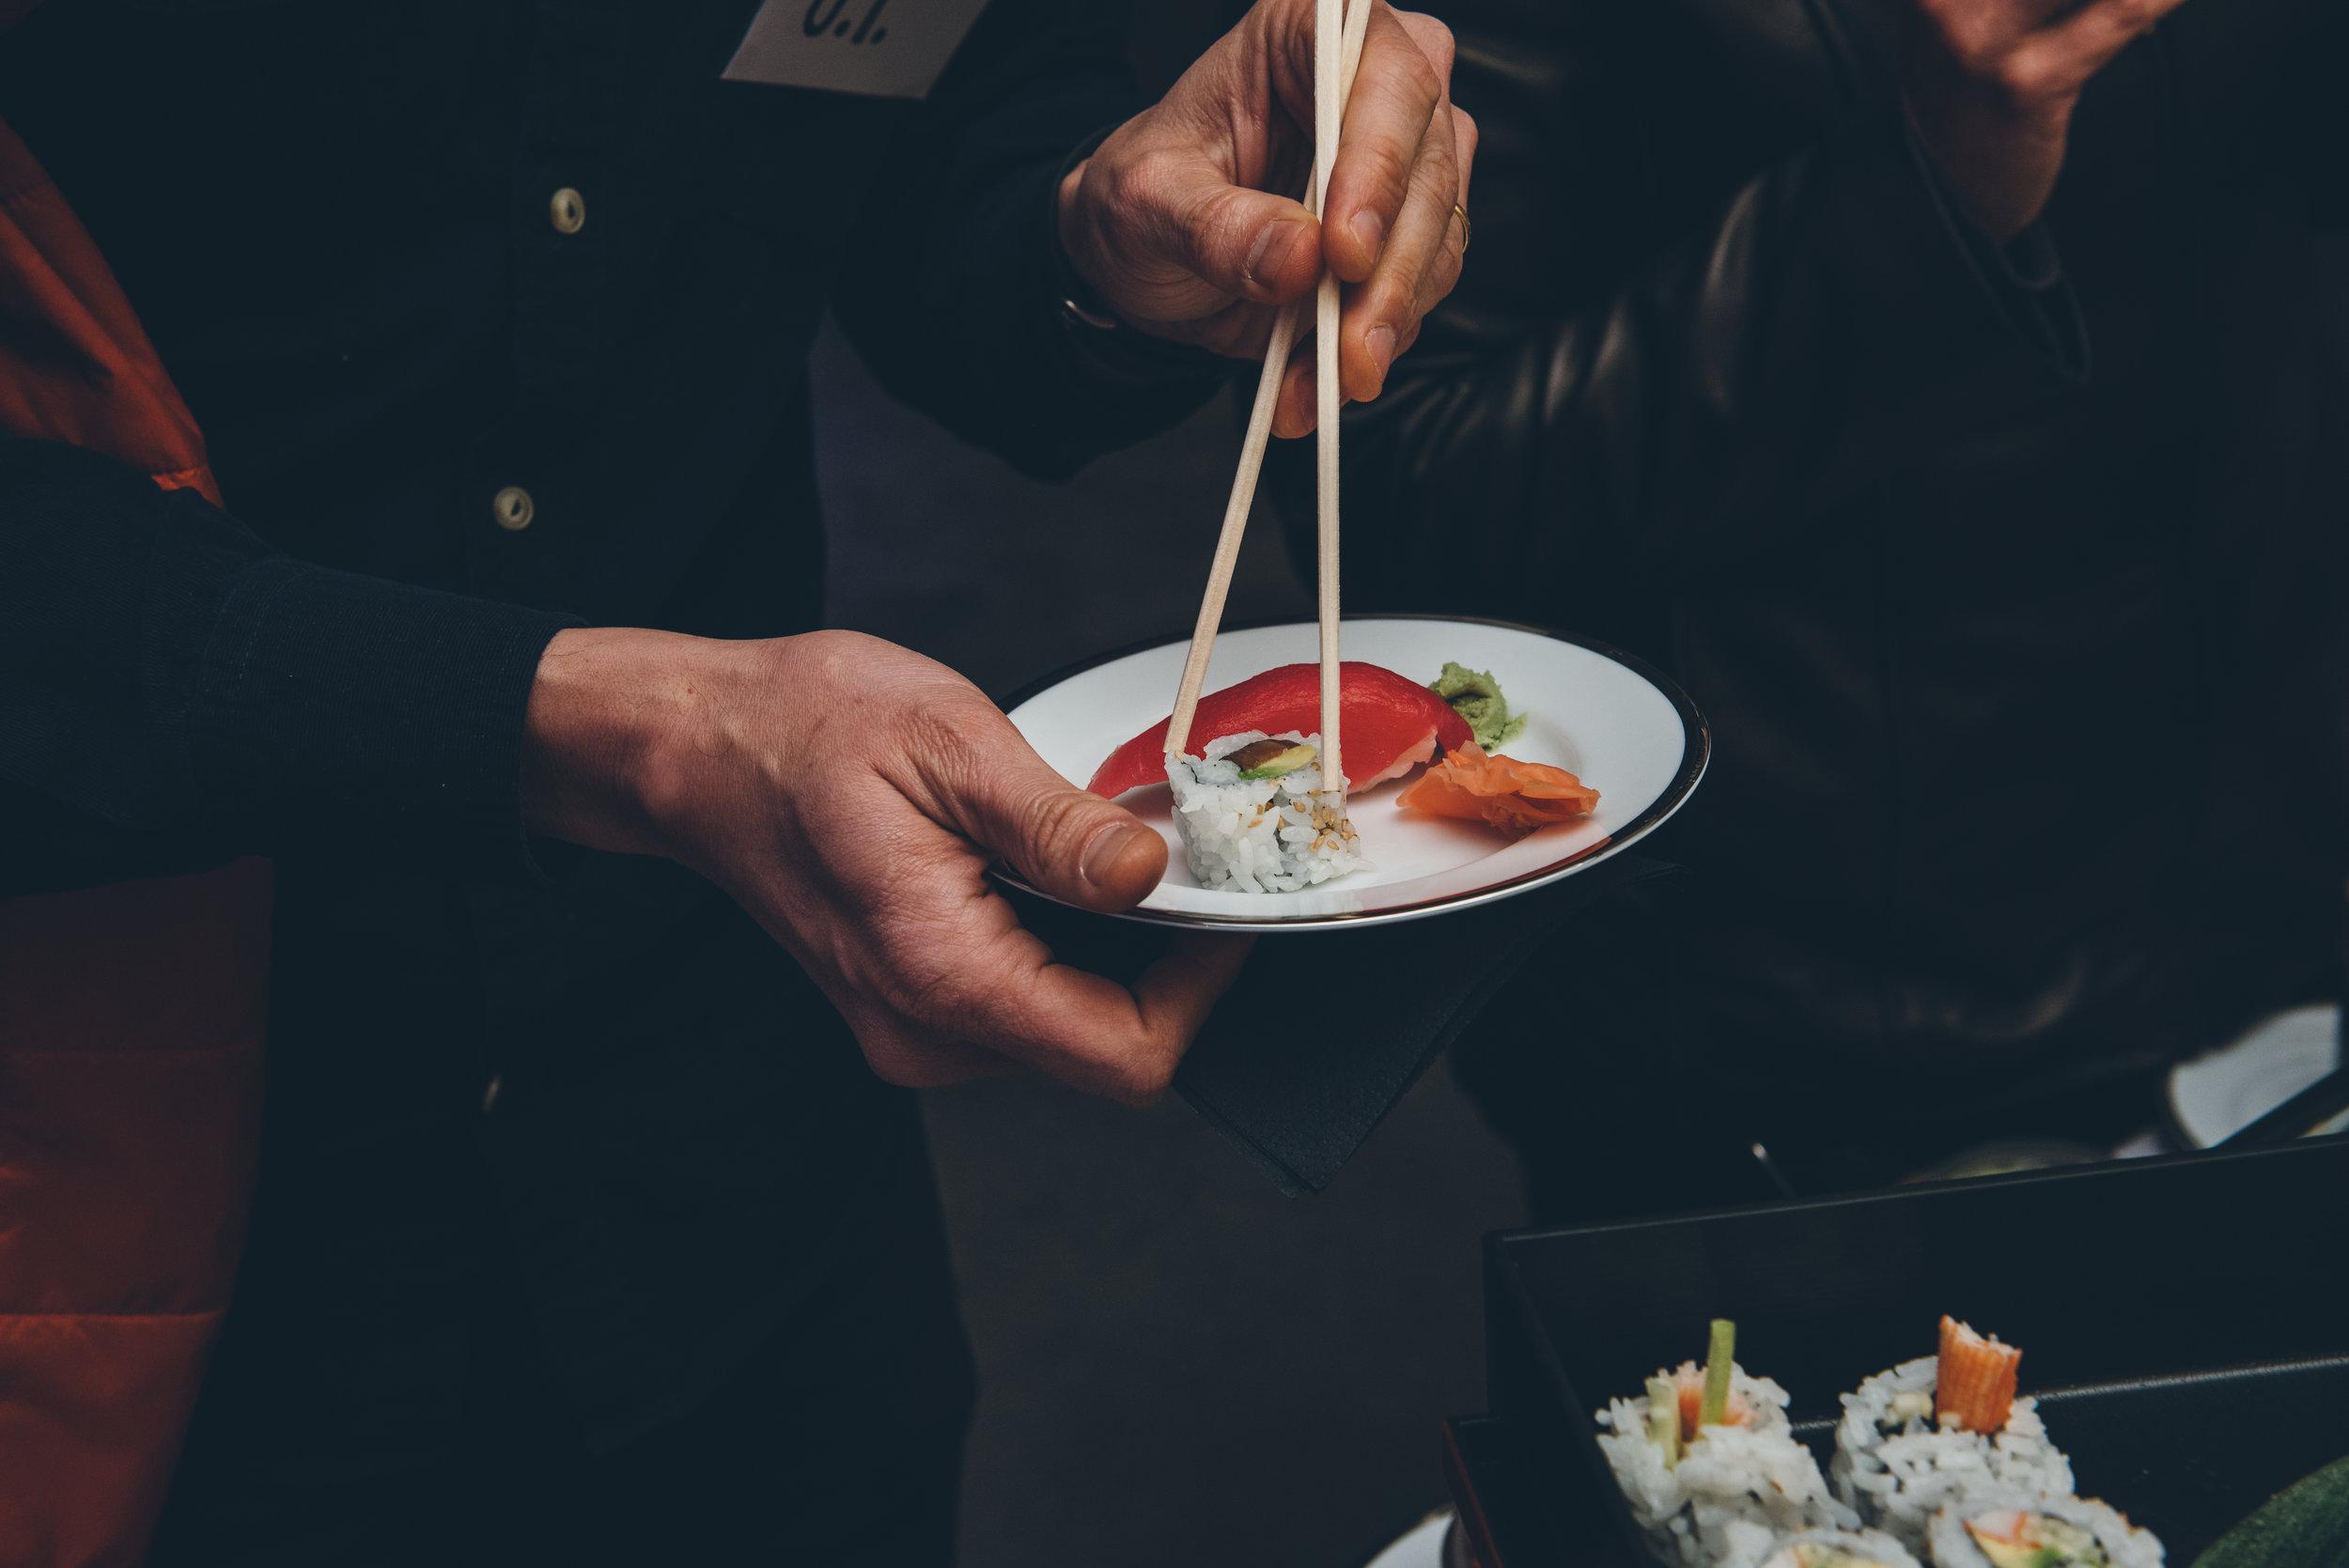 5-4-16-openhouse-sushi-edaileenphotography-zhoub2.jpg